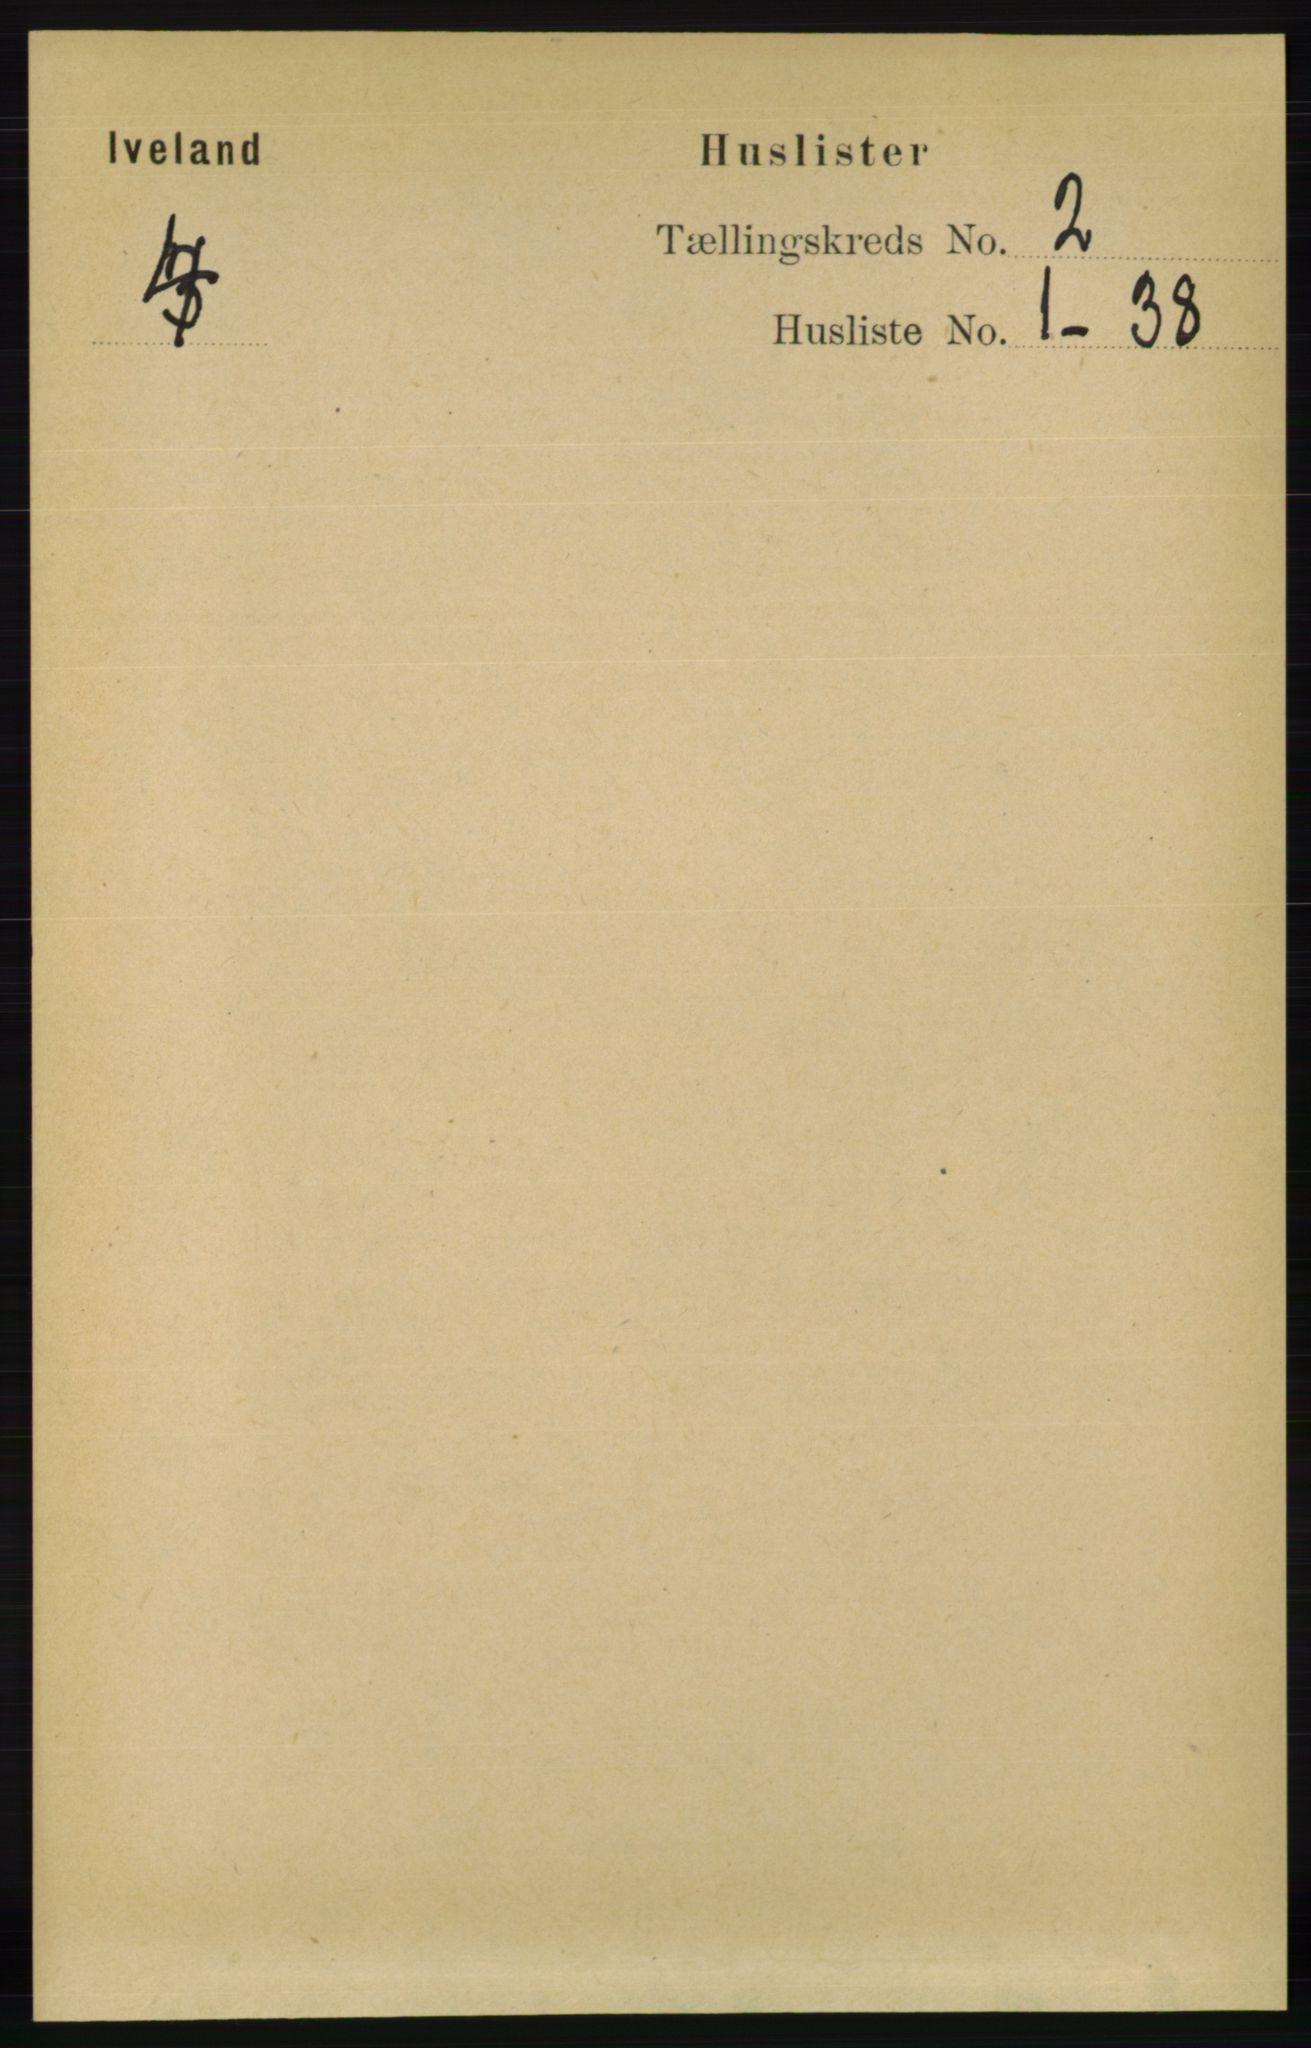 RA, Folketelling 1891 for 0935 Iveland herred, 1891, s. 365